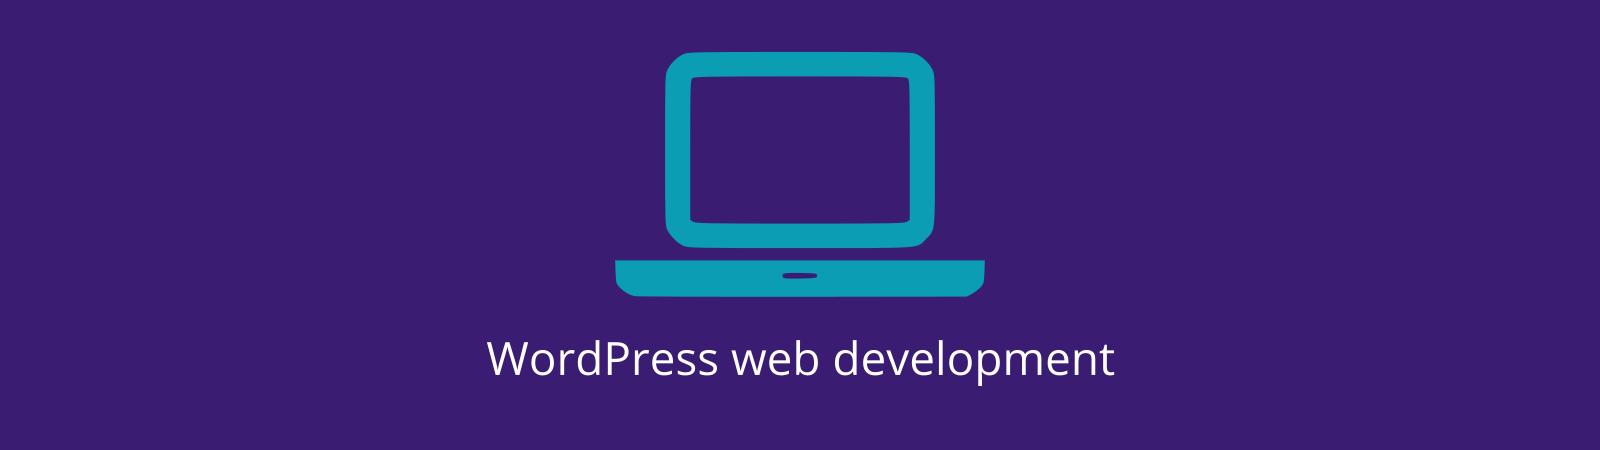 WordPress website development by UK agency Peacock Carter